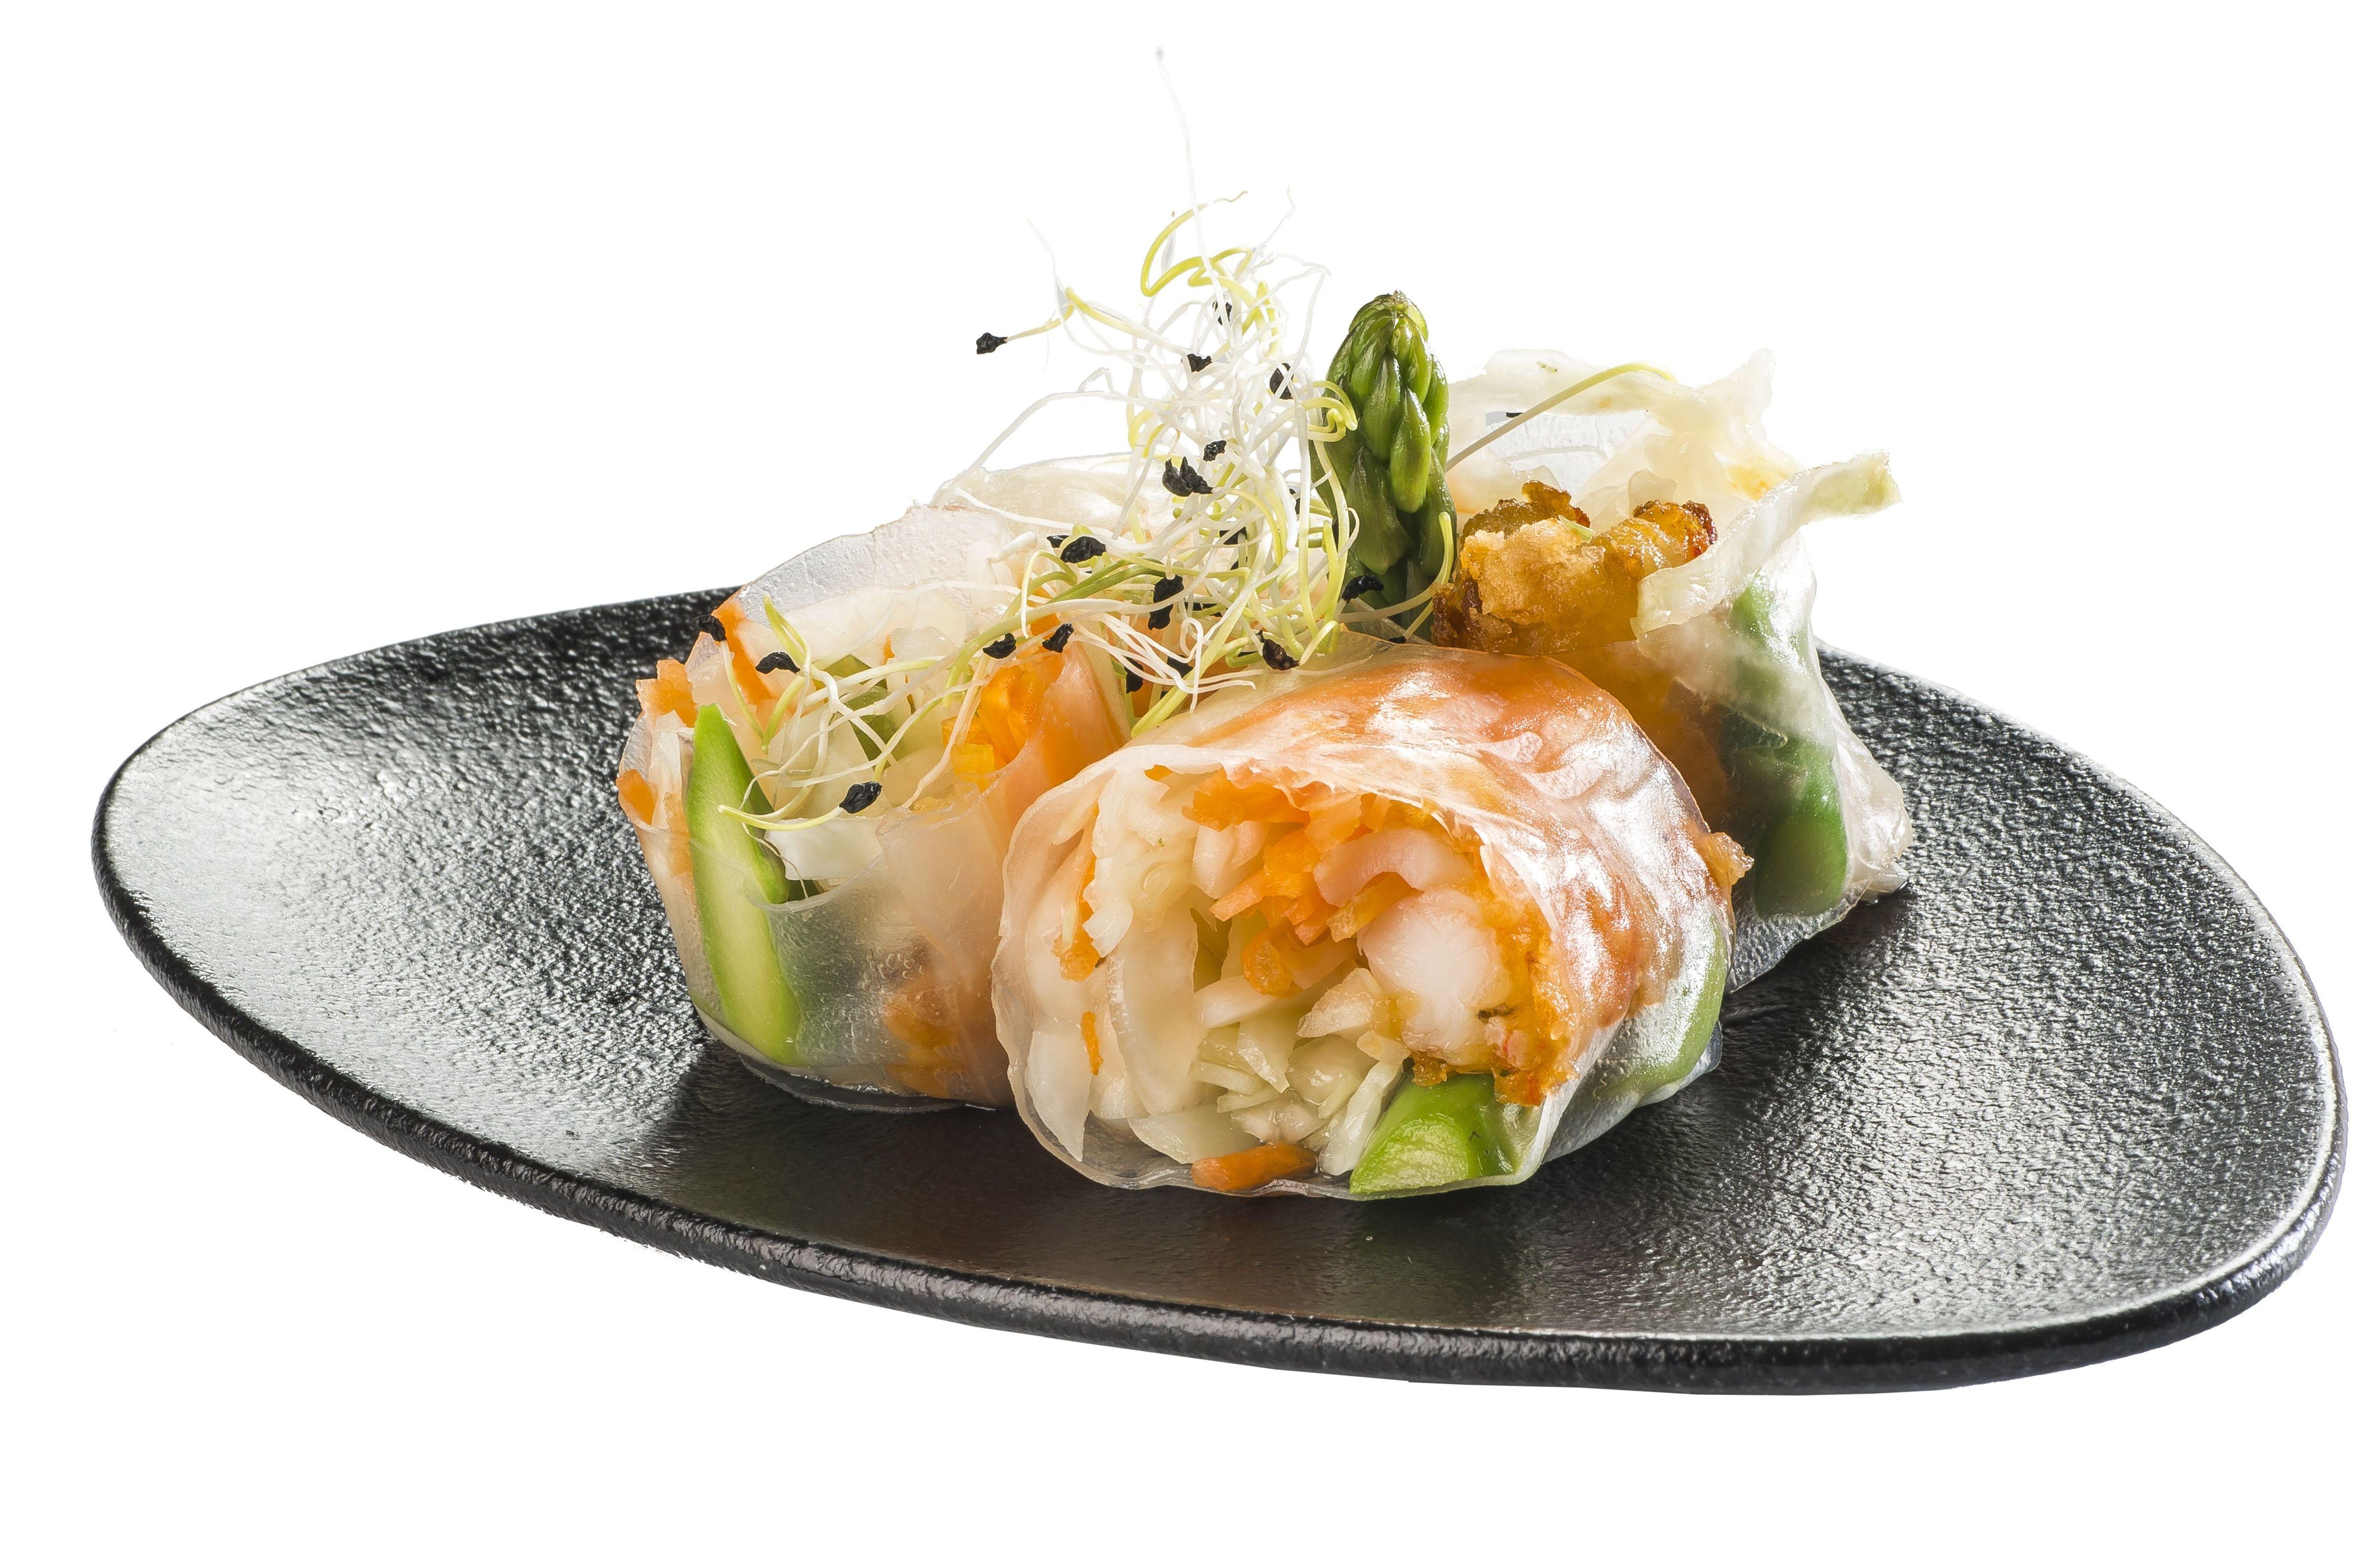 Viet Rolls de gambón  6,50€: Carta de Restaurante Sowu